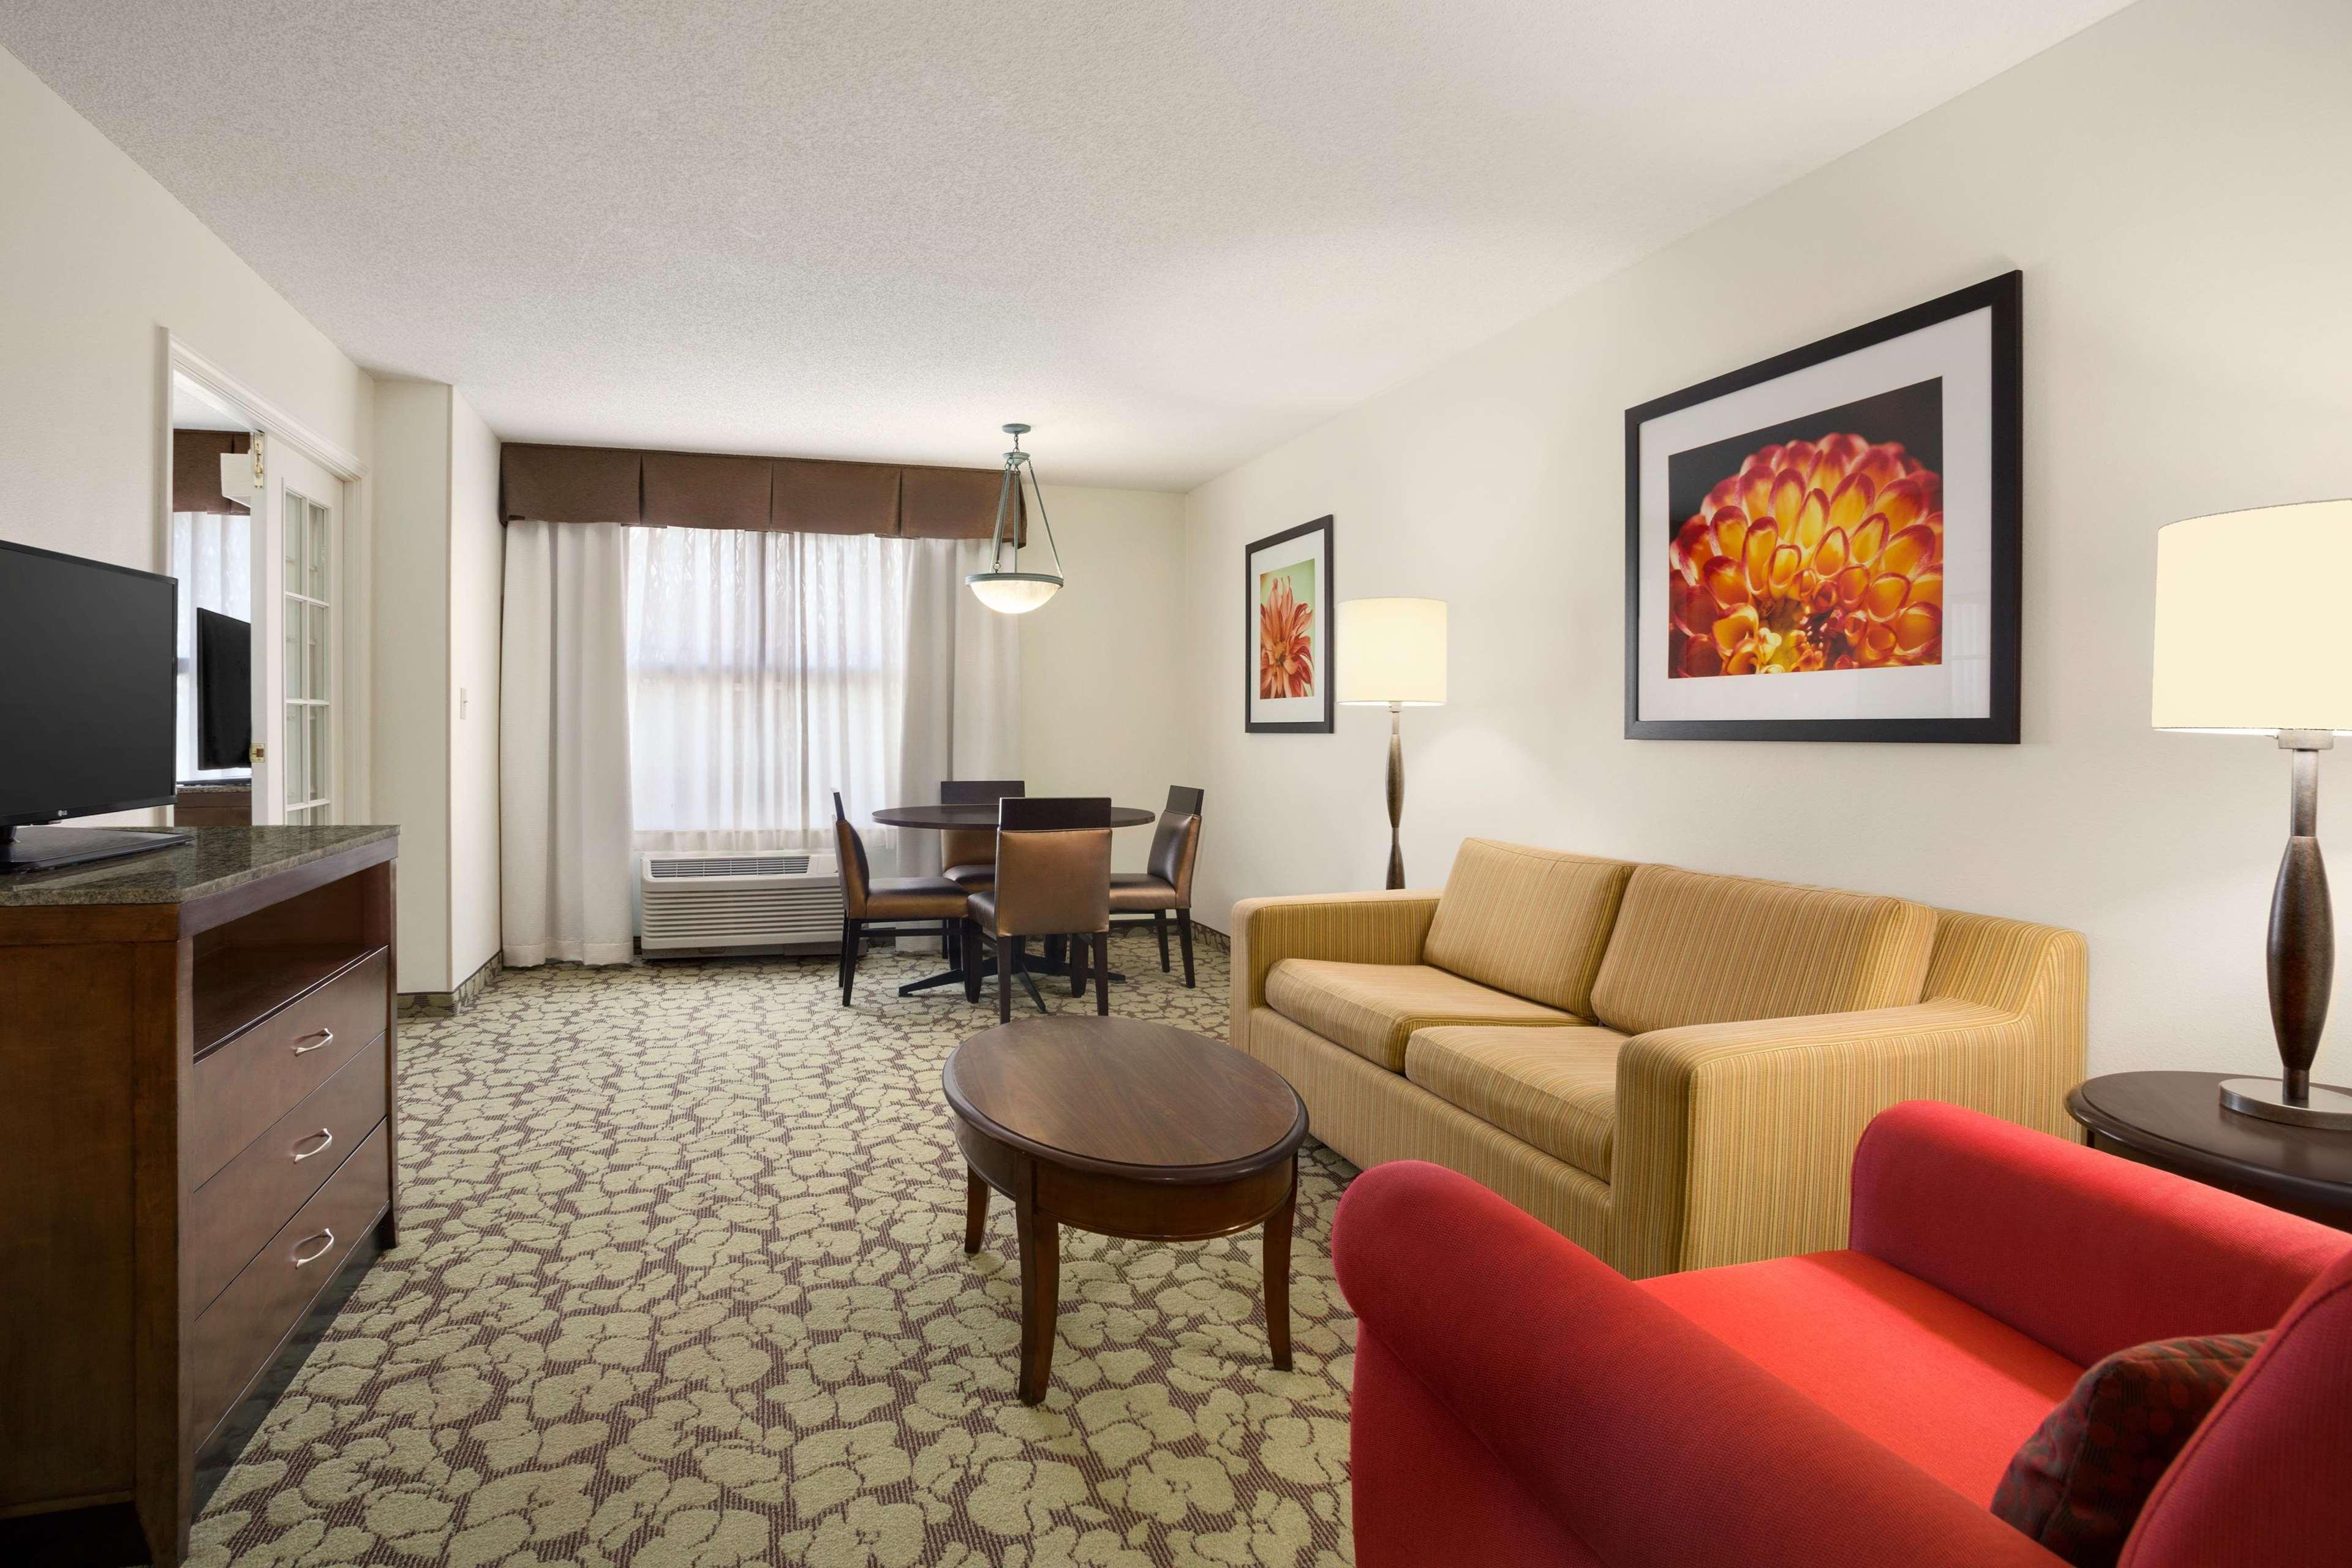 Hilton Garden Inn Atlanta Perimeter Center image 19